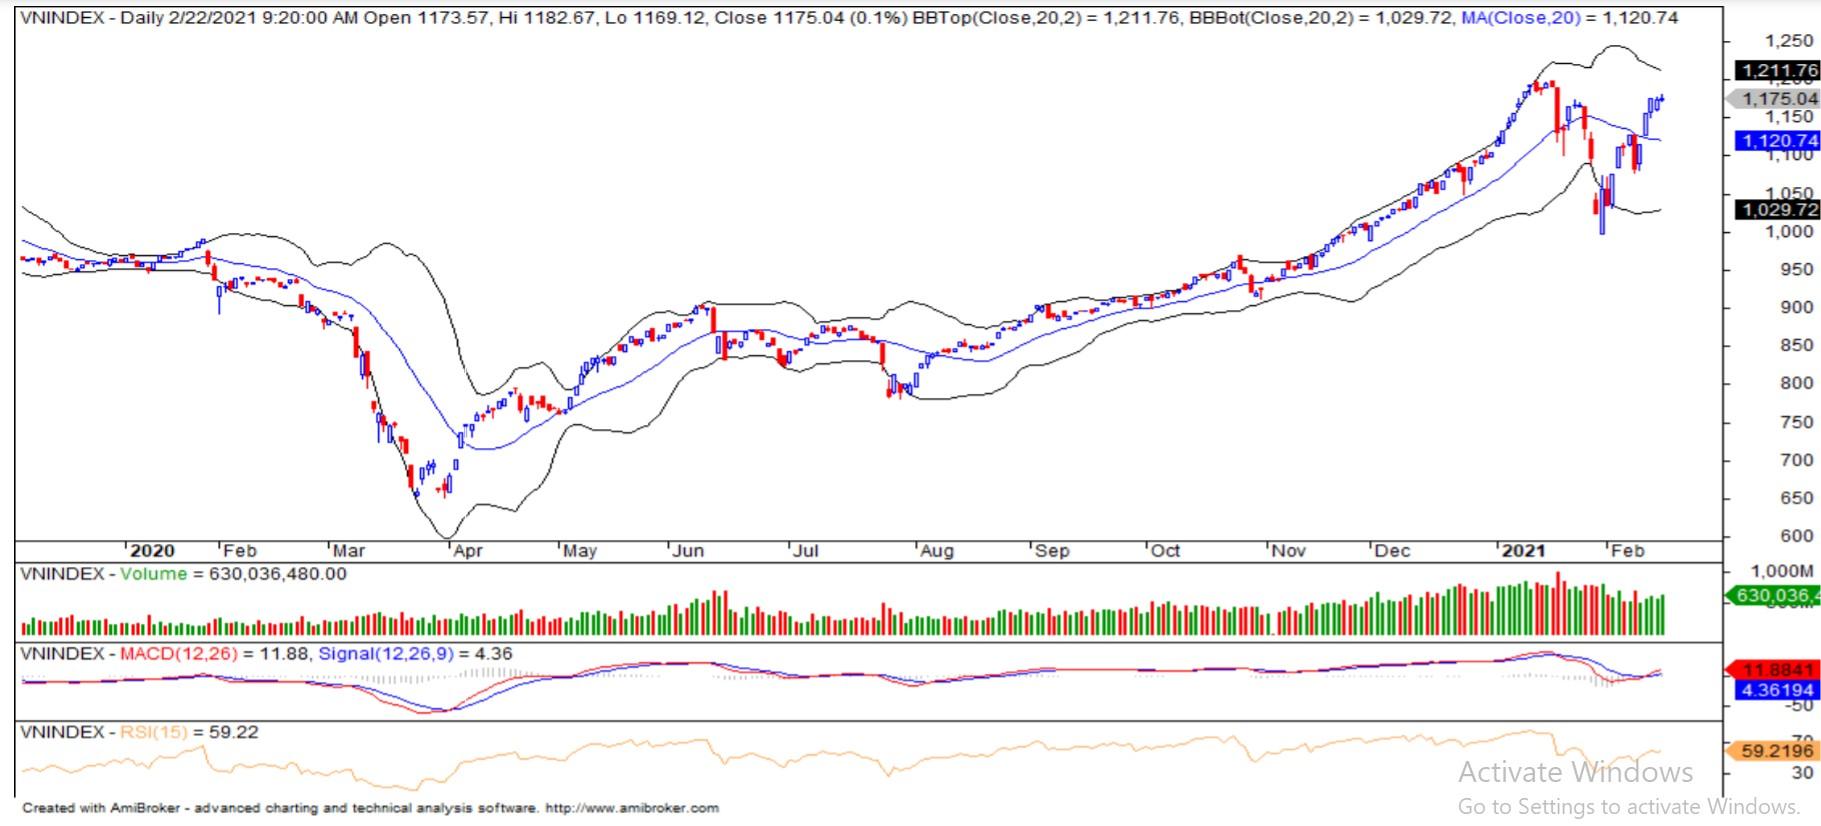 Nhận định thị trường chứng khoán ngày 23/2: Xuất hiện các nhịp rung lắc - Ảnh 1.